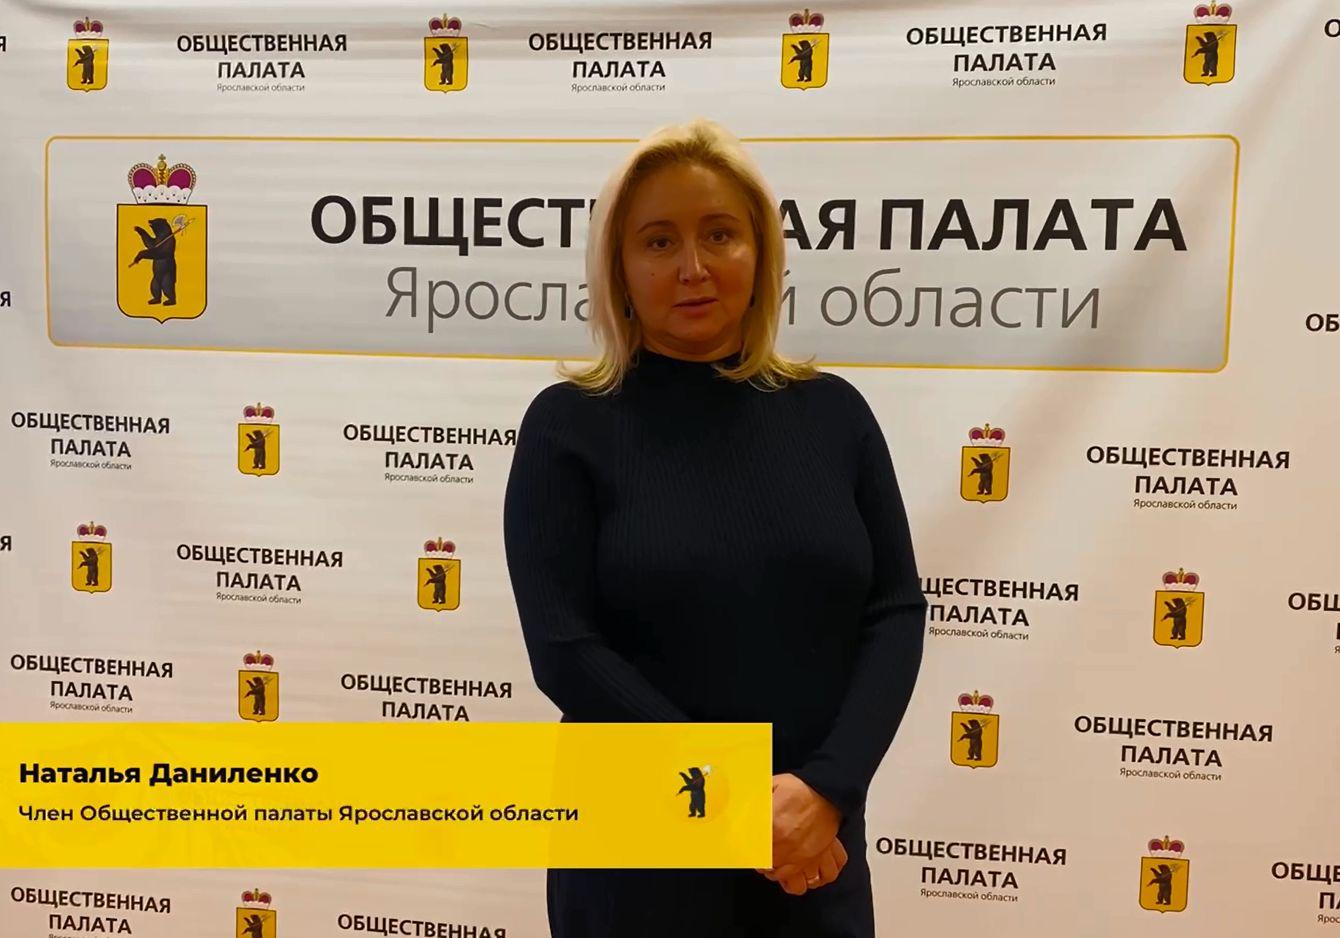 Член Общественной палаты Ярославской области Наталья Даниленко поделилась впечатлениями о дистанционном электронном голосовании